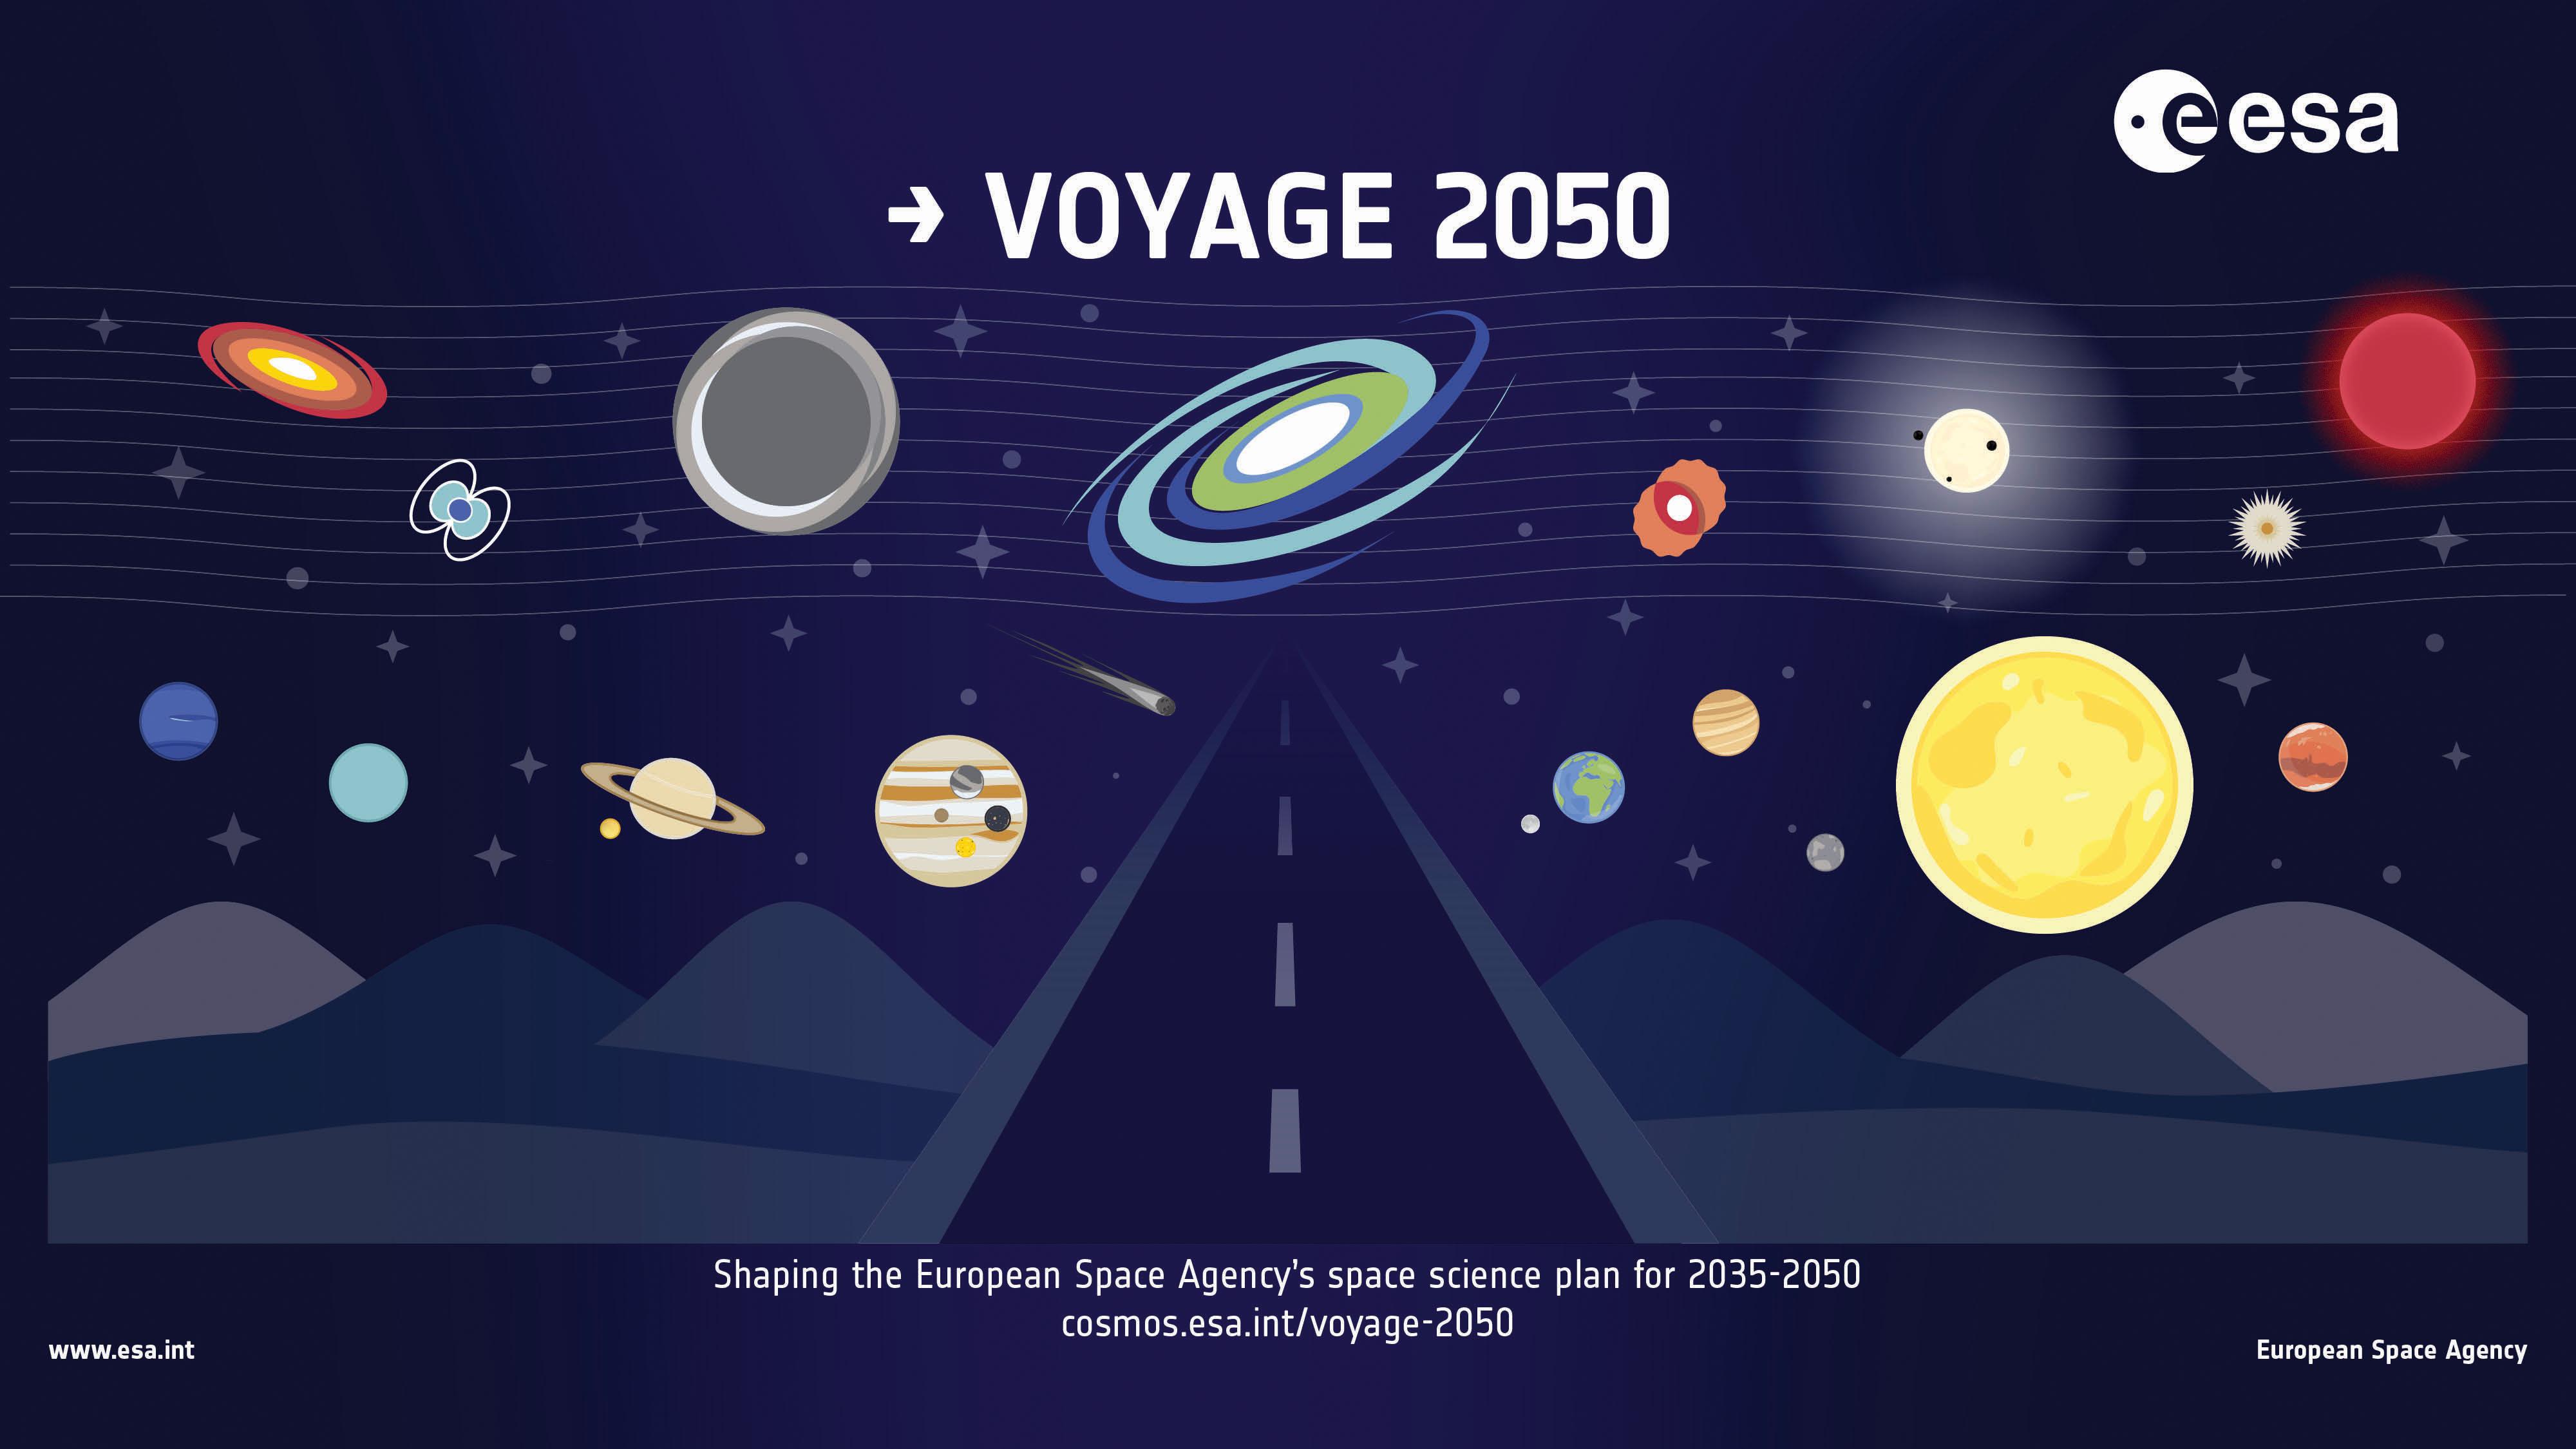 Voyage_2050_Poster_landscape.jpg